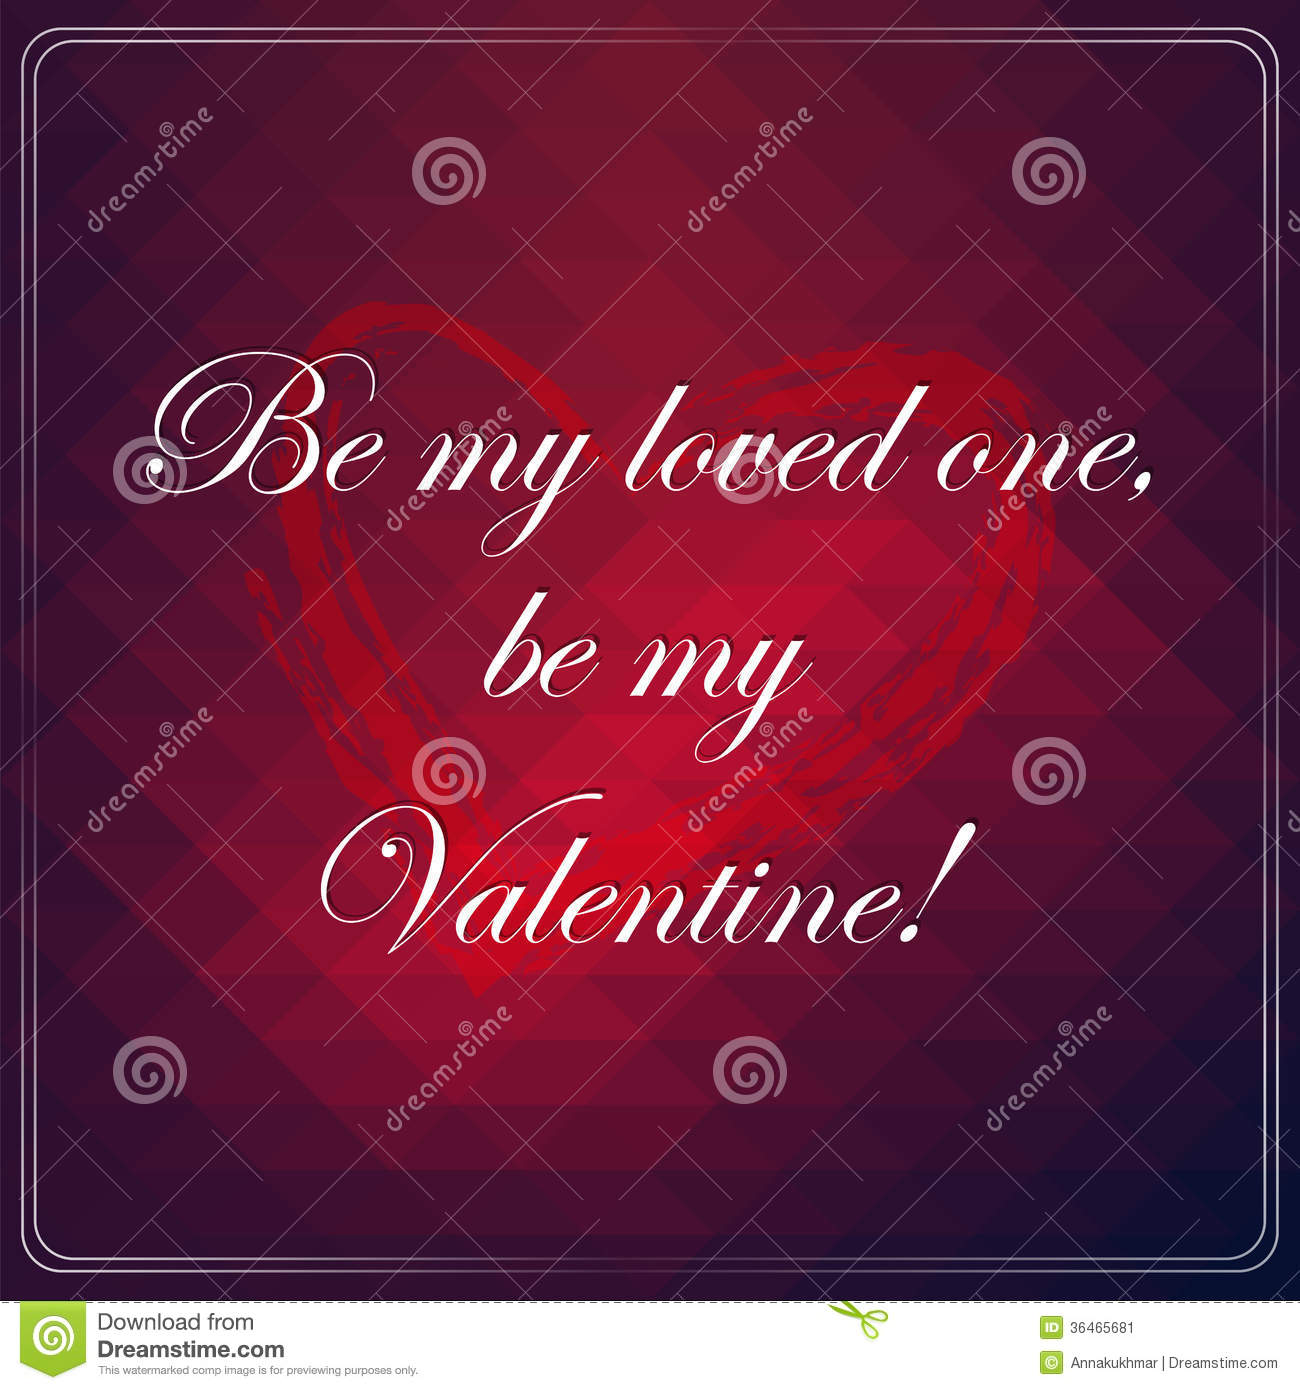 Be My Valentine Quotes. QuotesGram